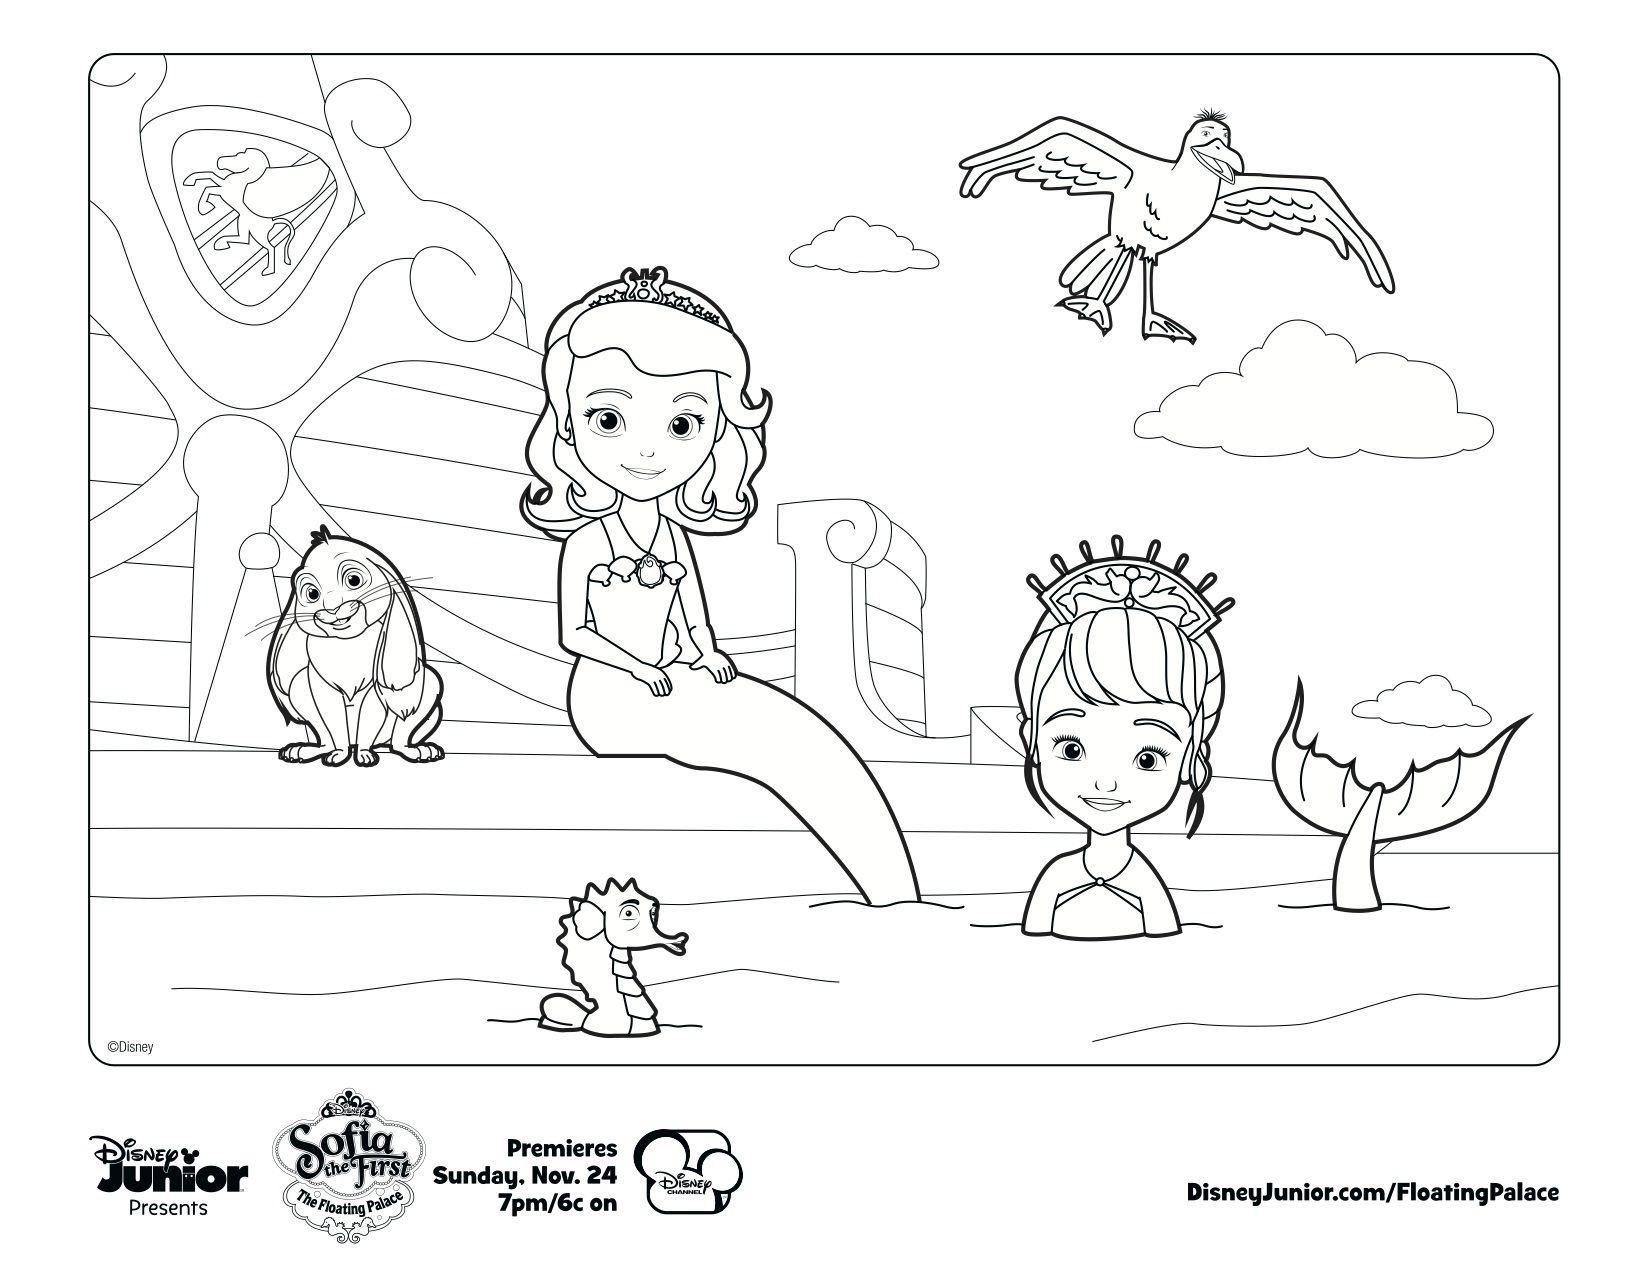 Pin Von Disney Junior Auf Crafts Activities Diy And More Disney Junior Ausmalbilder Disney Ausmalen